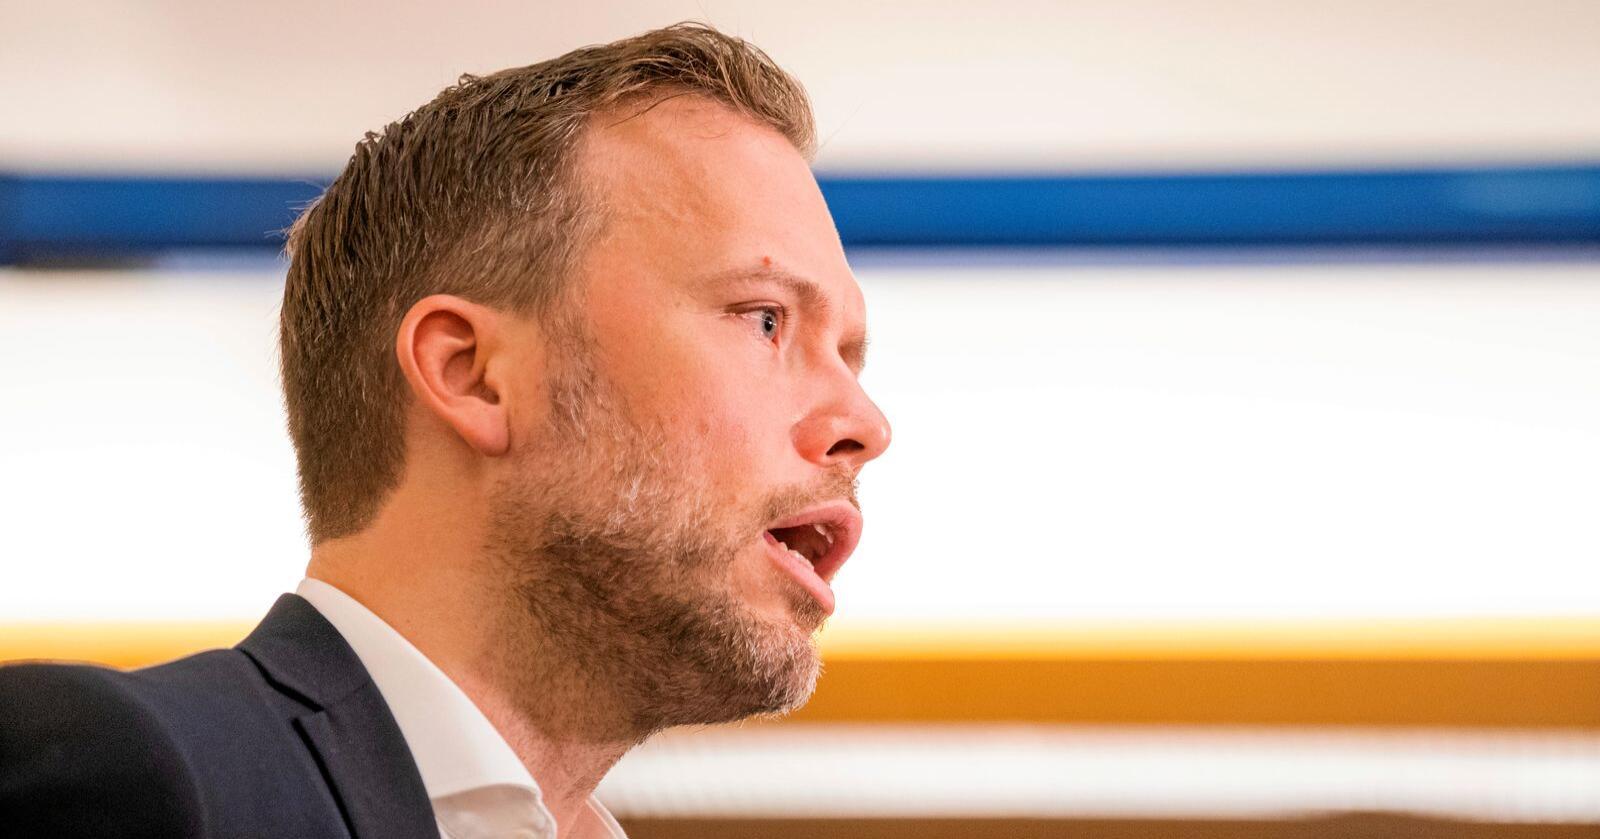 For første gang sier SV-leder Audun Lysbakken det høyt: Han foretrekker Jonas Gahr Støre (Ap) framfor Trygve Slagsvold Vedum (Sp) som statsminister i en rødgrønn regjering. Foto: Håkon Mosvold Larsen / NTB